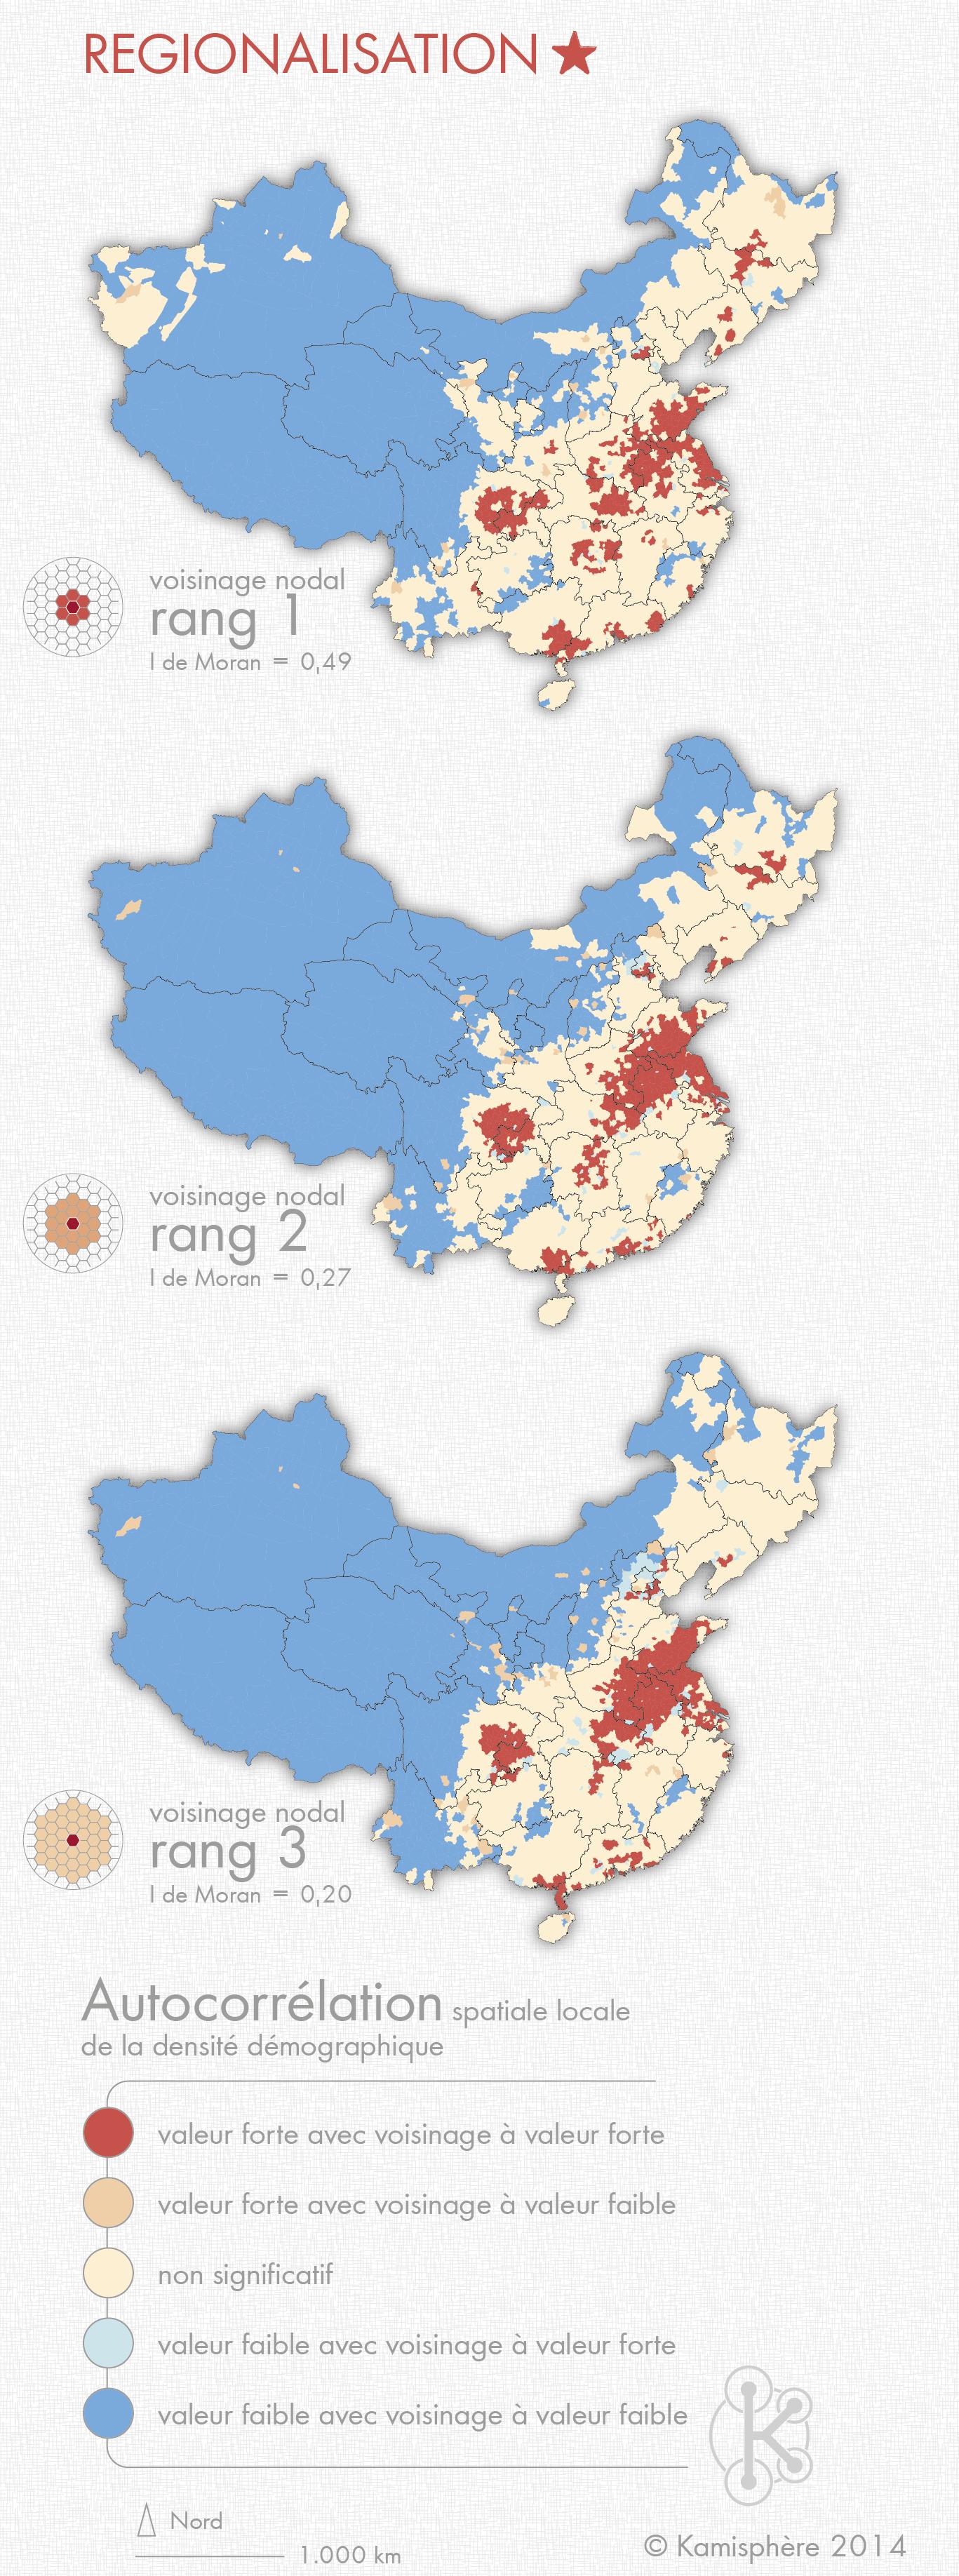 cartographie réalisée par les cartographes de Kamisphere